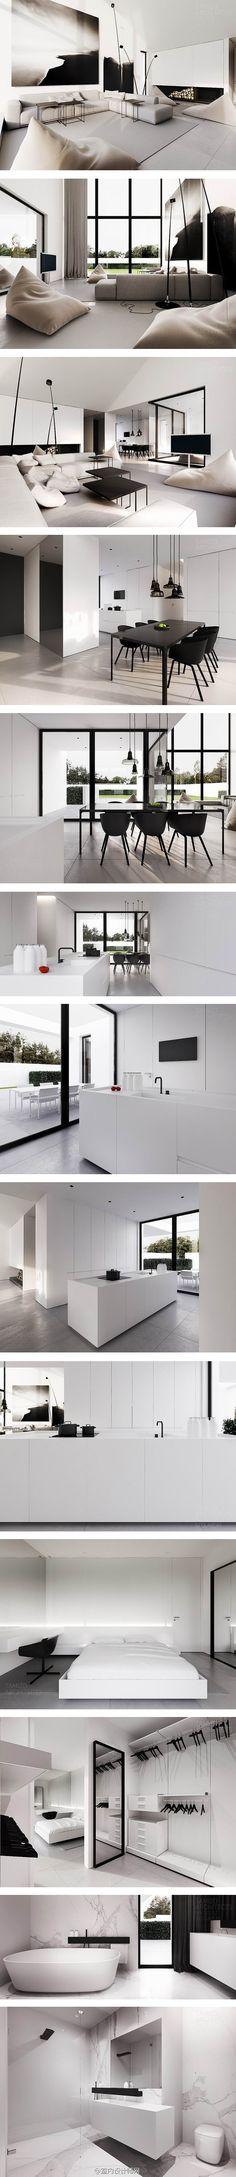 华沙一座住宅,只用简单的黑白两色装饰,黑色永恒经典,白色不可或缺